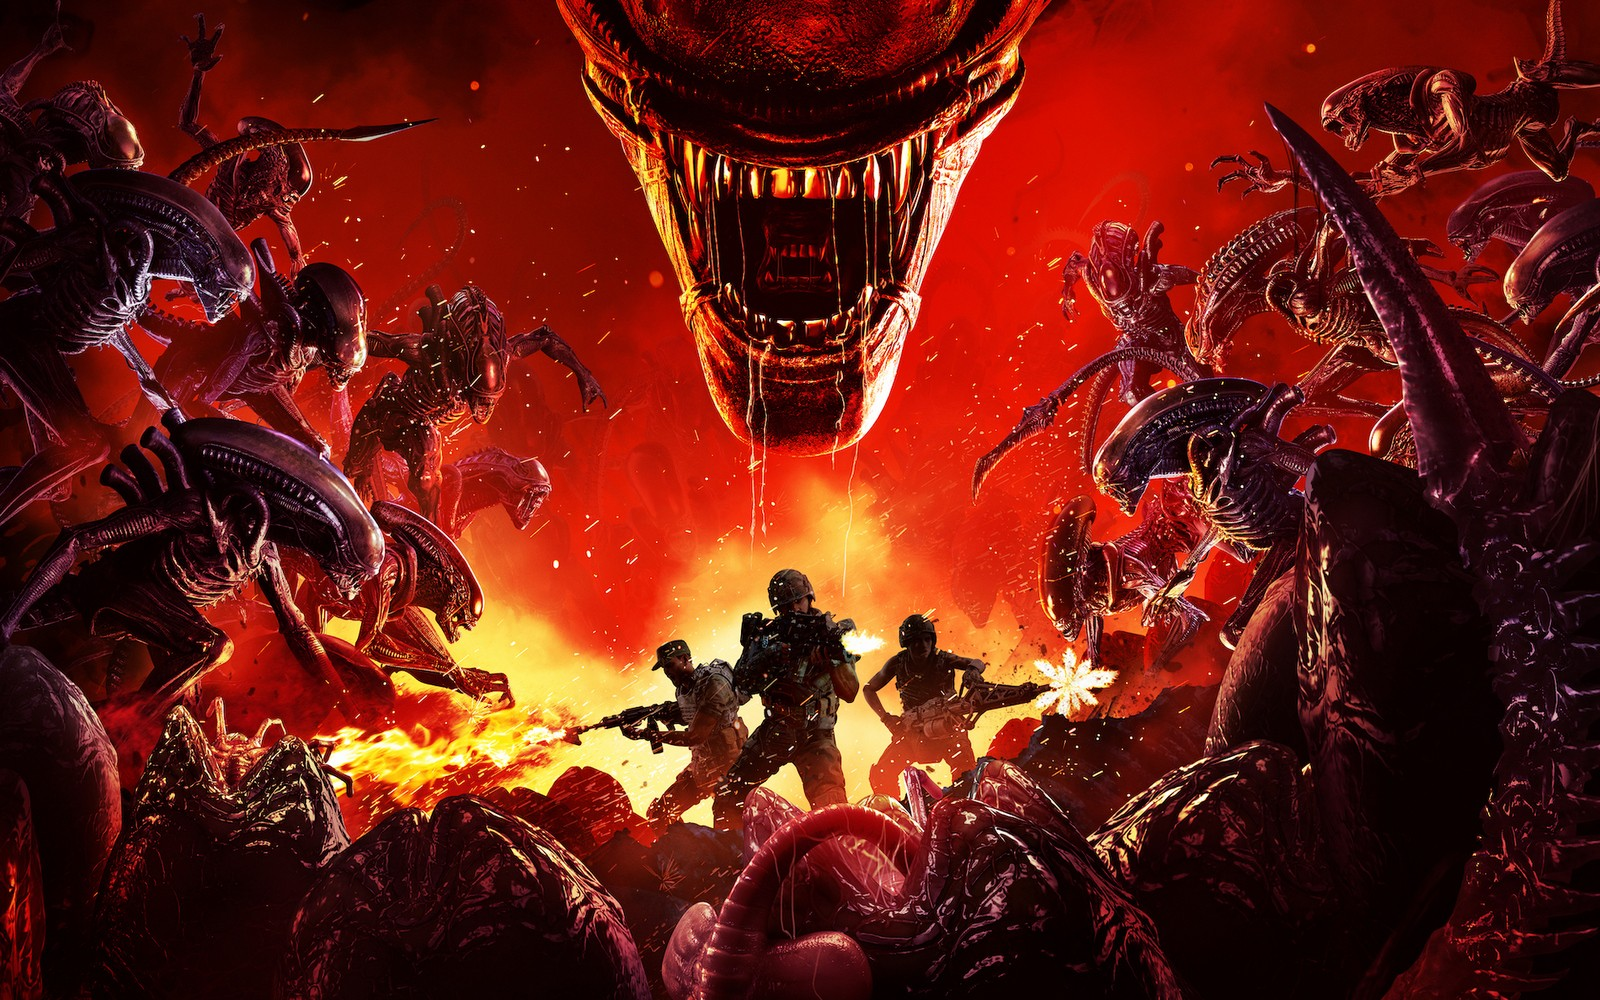 Кооперативный survival-шутер Aliens: Fireteam Elite выйдет 24 августа, в Steam уже открыт предзаказ по цене от 599 грн [трейлер] - ITC.ua